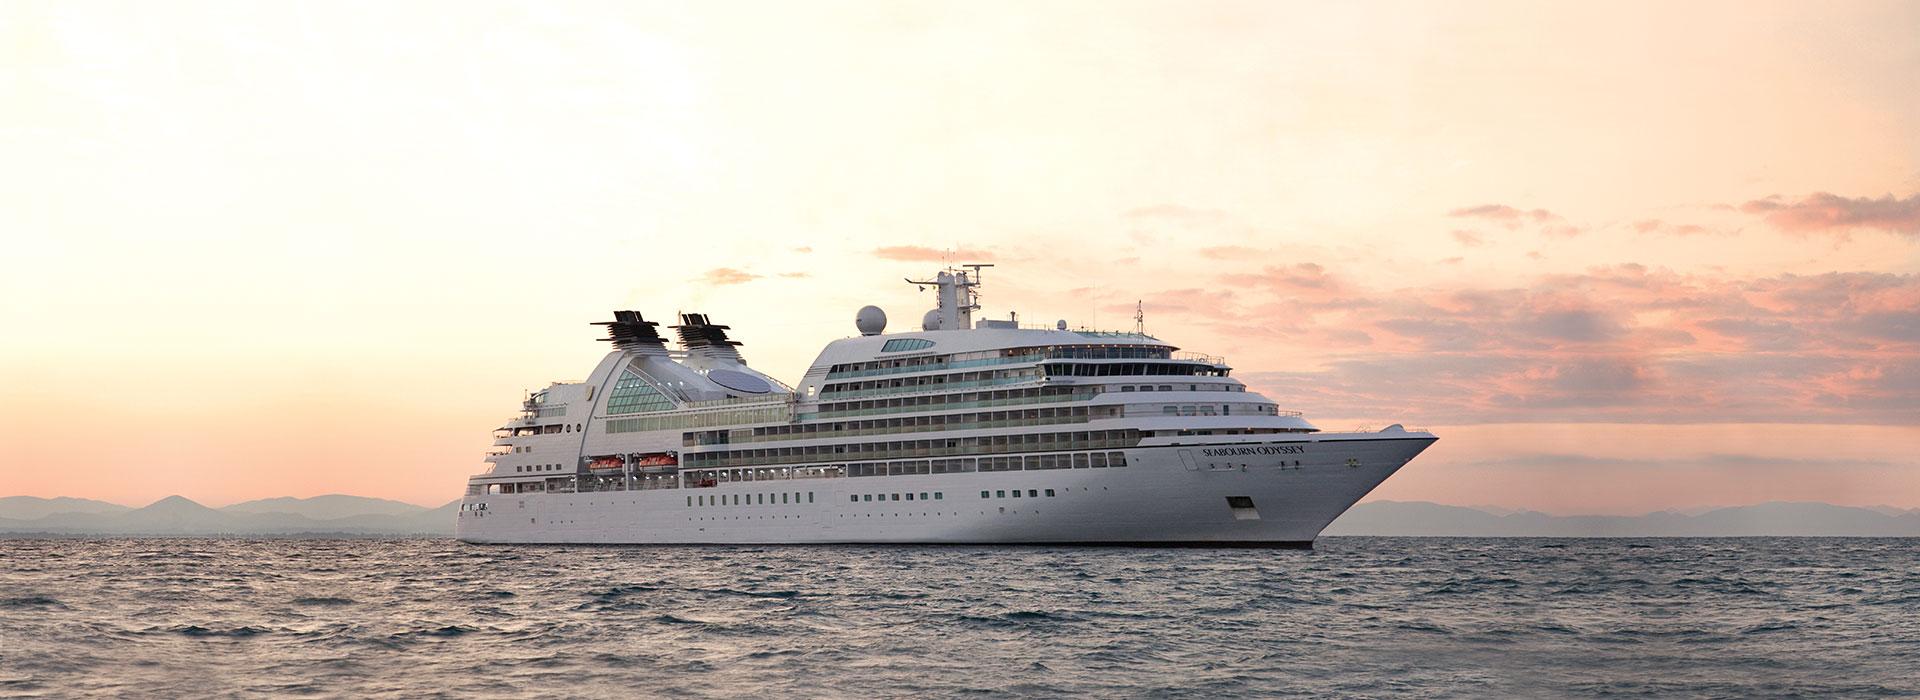 Seabourn Odyssey auf See